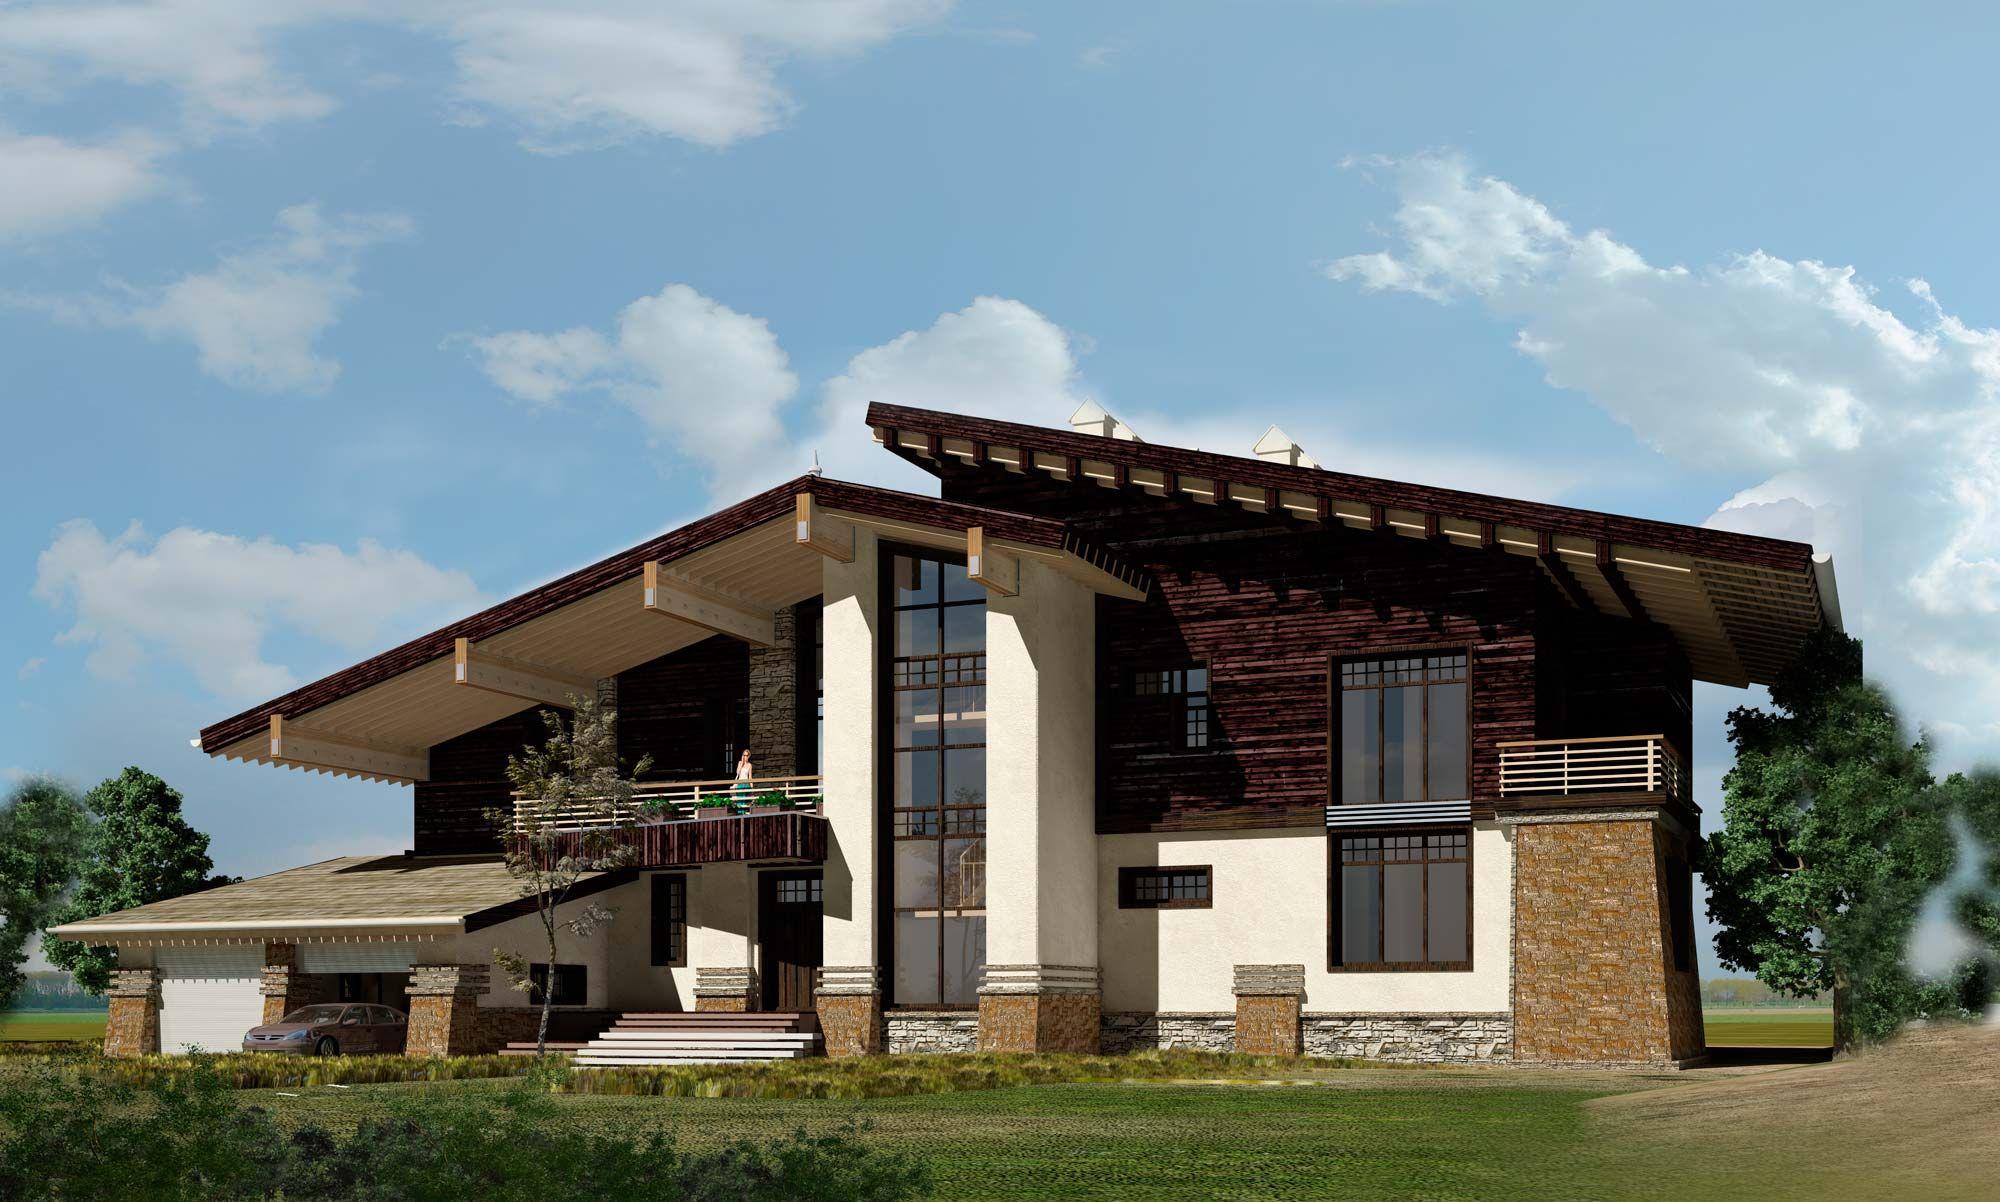 азербайджанской картинки домов с крышей шале патологии